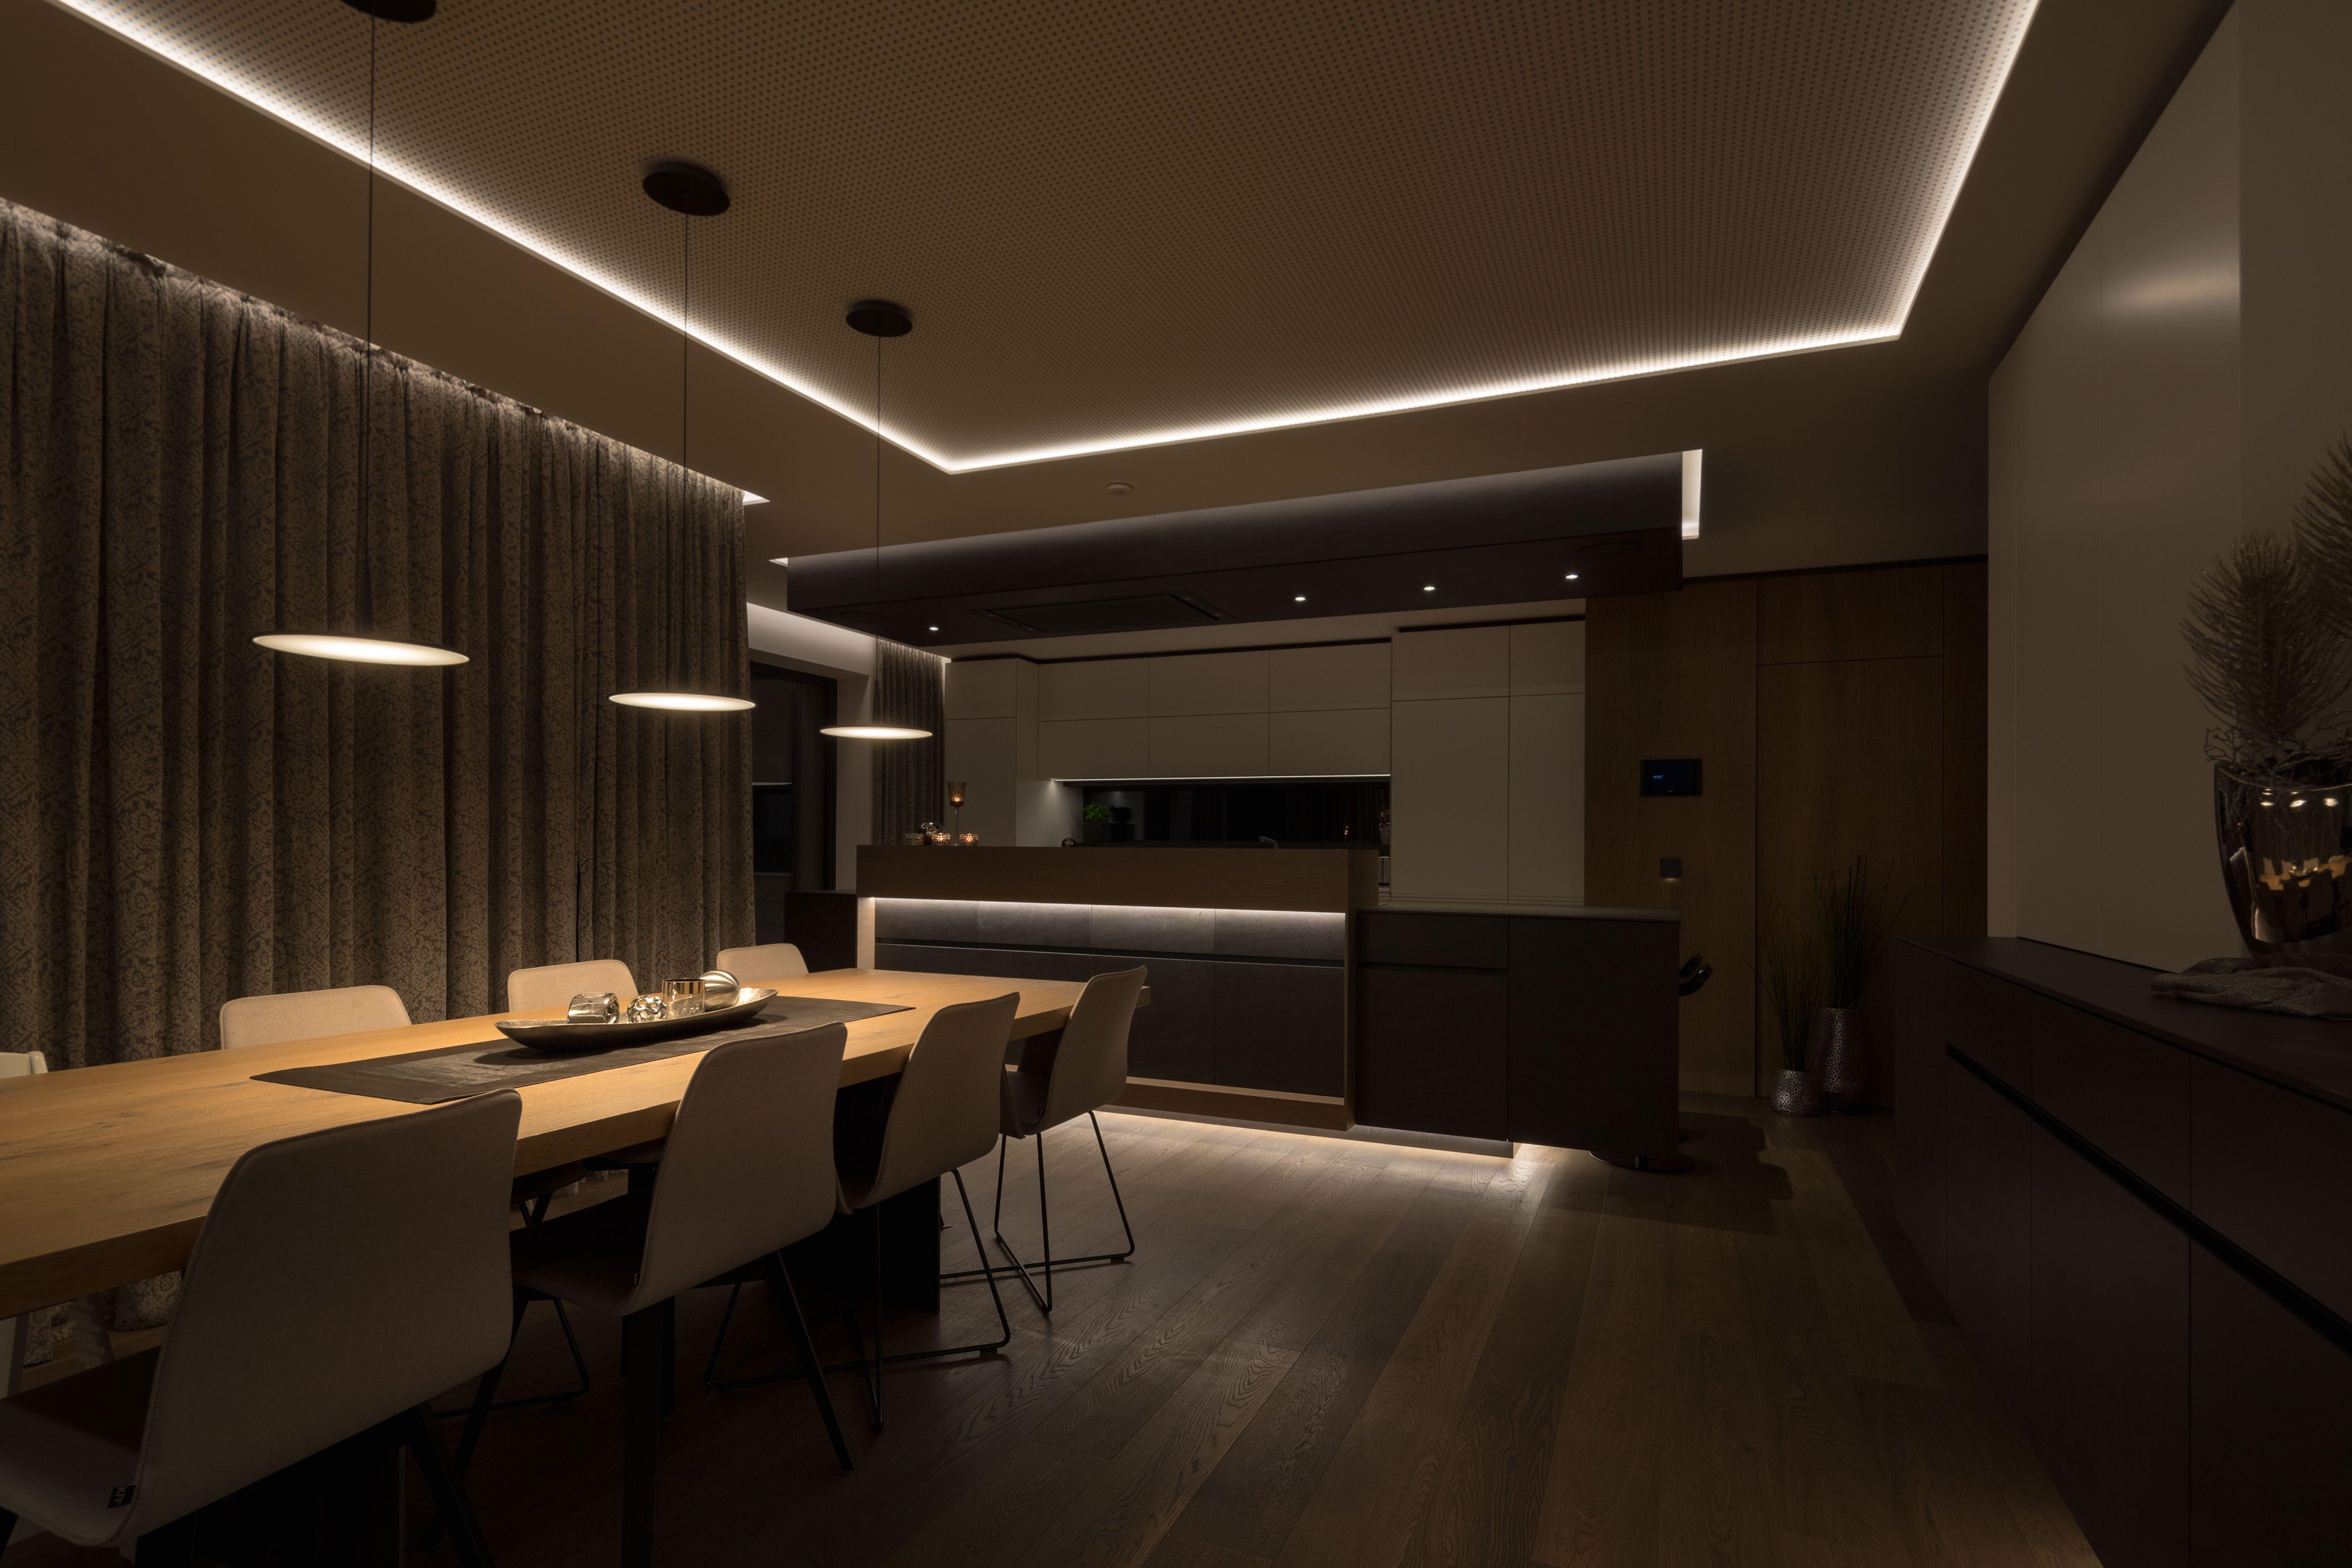 Lichtplanung mit der umfassenden Licht-Lösung von Loxone